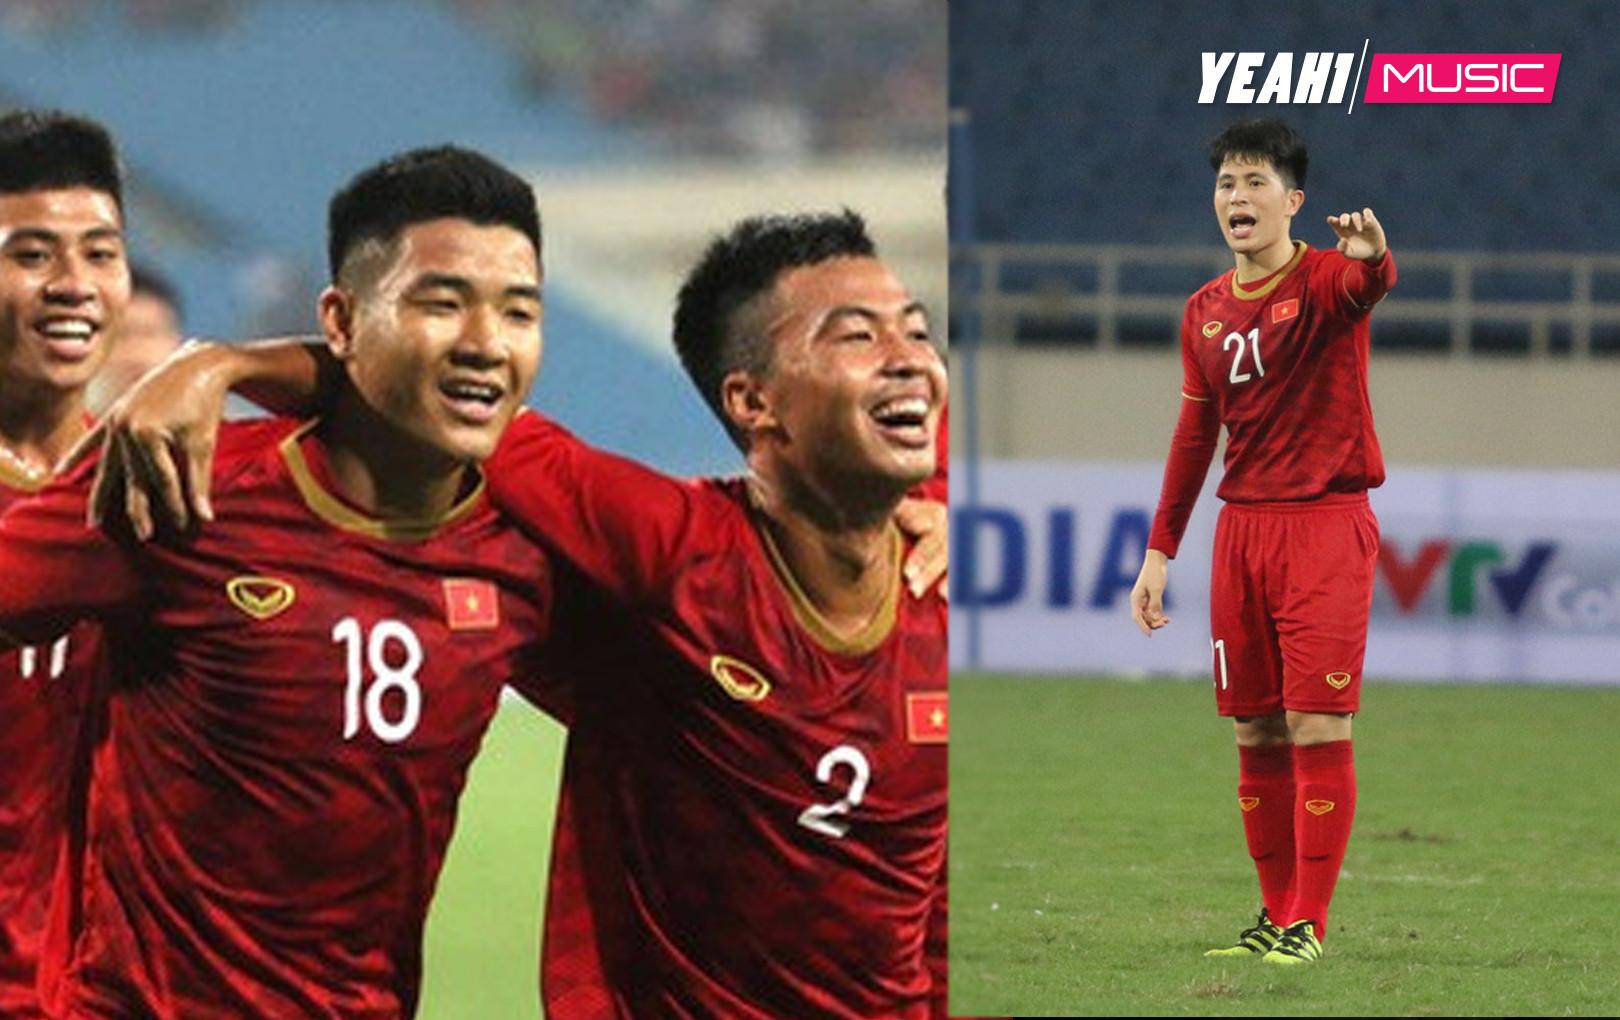 Cảm xúc của U23 Việt Nam ngày thắng đậm Brunei: Đình Trọng vẫn gắt gỏng, Thành Chung vạch áo cười xòa